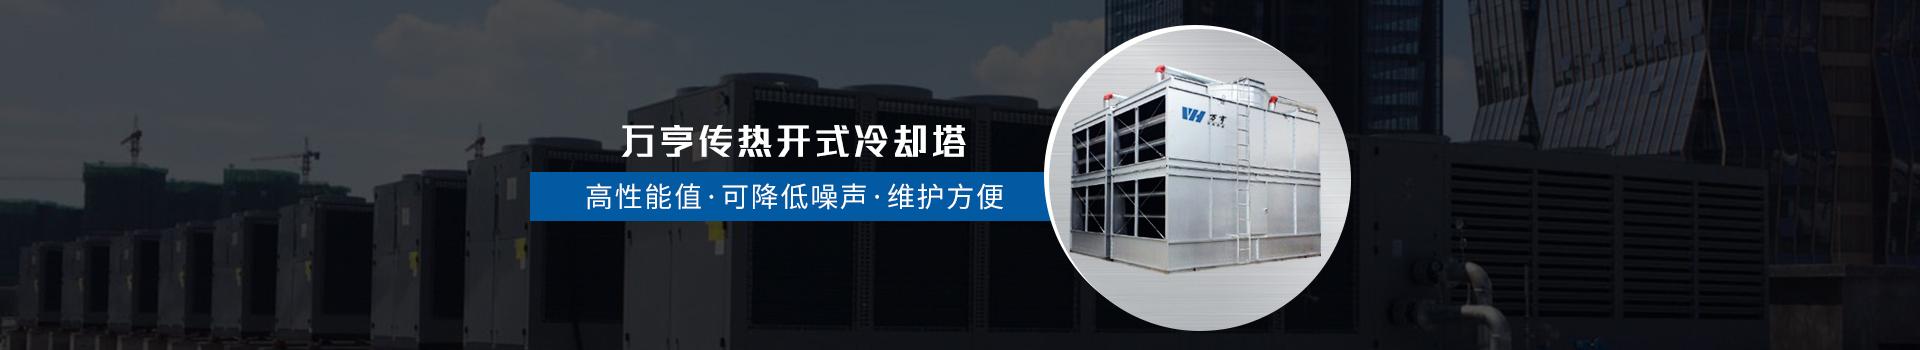 万亨开式冷却塔:高性能值、可降低噪声、维护方便